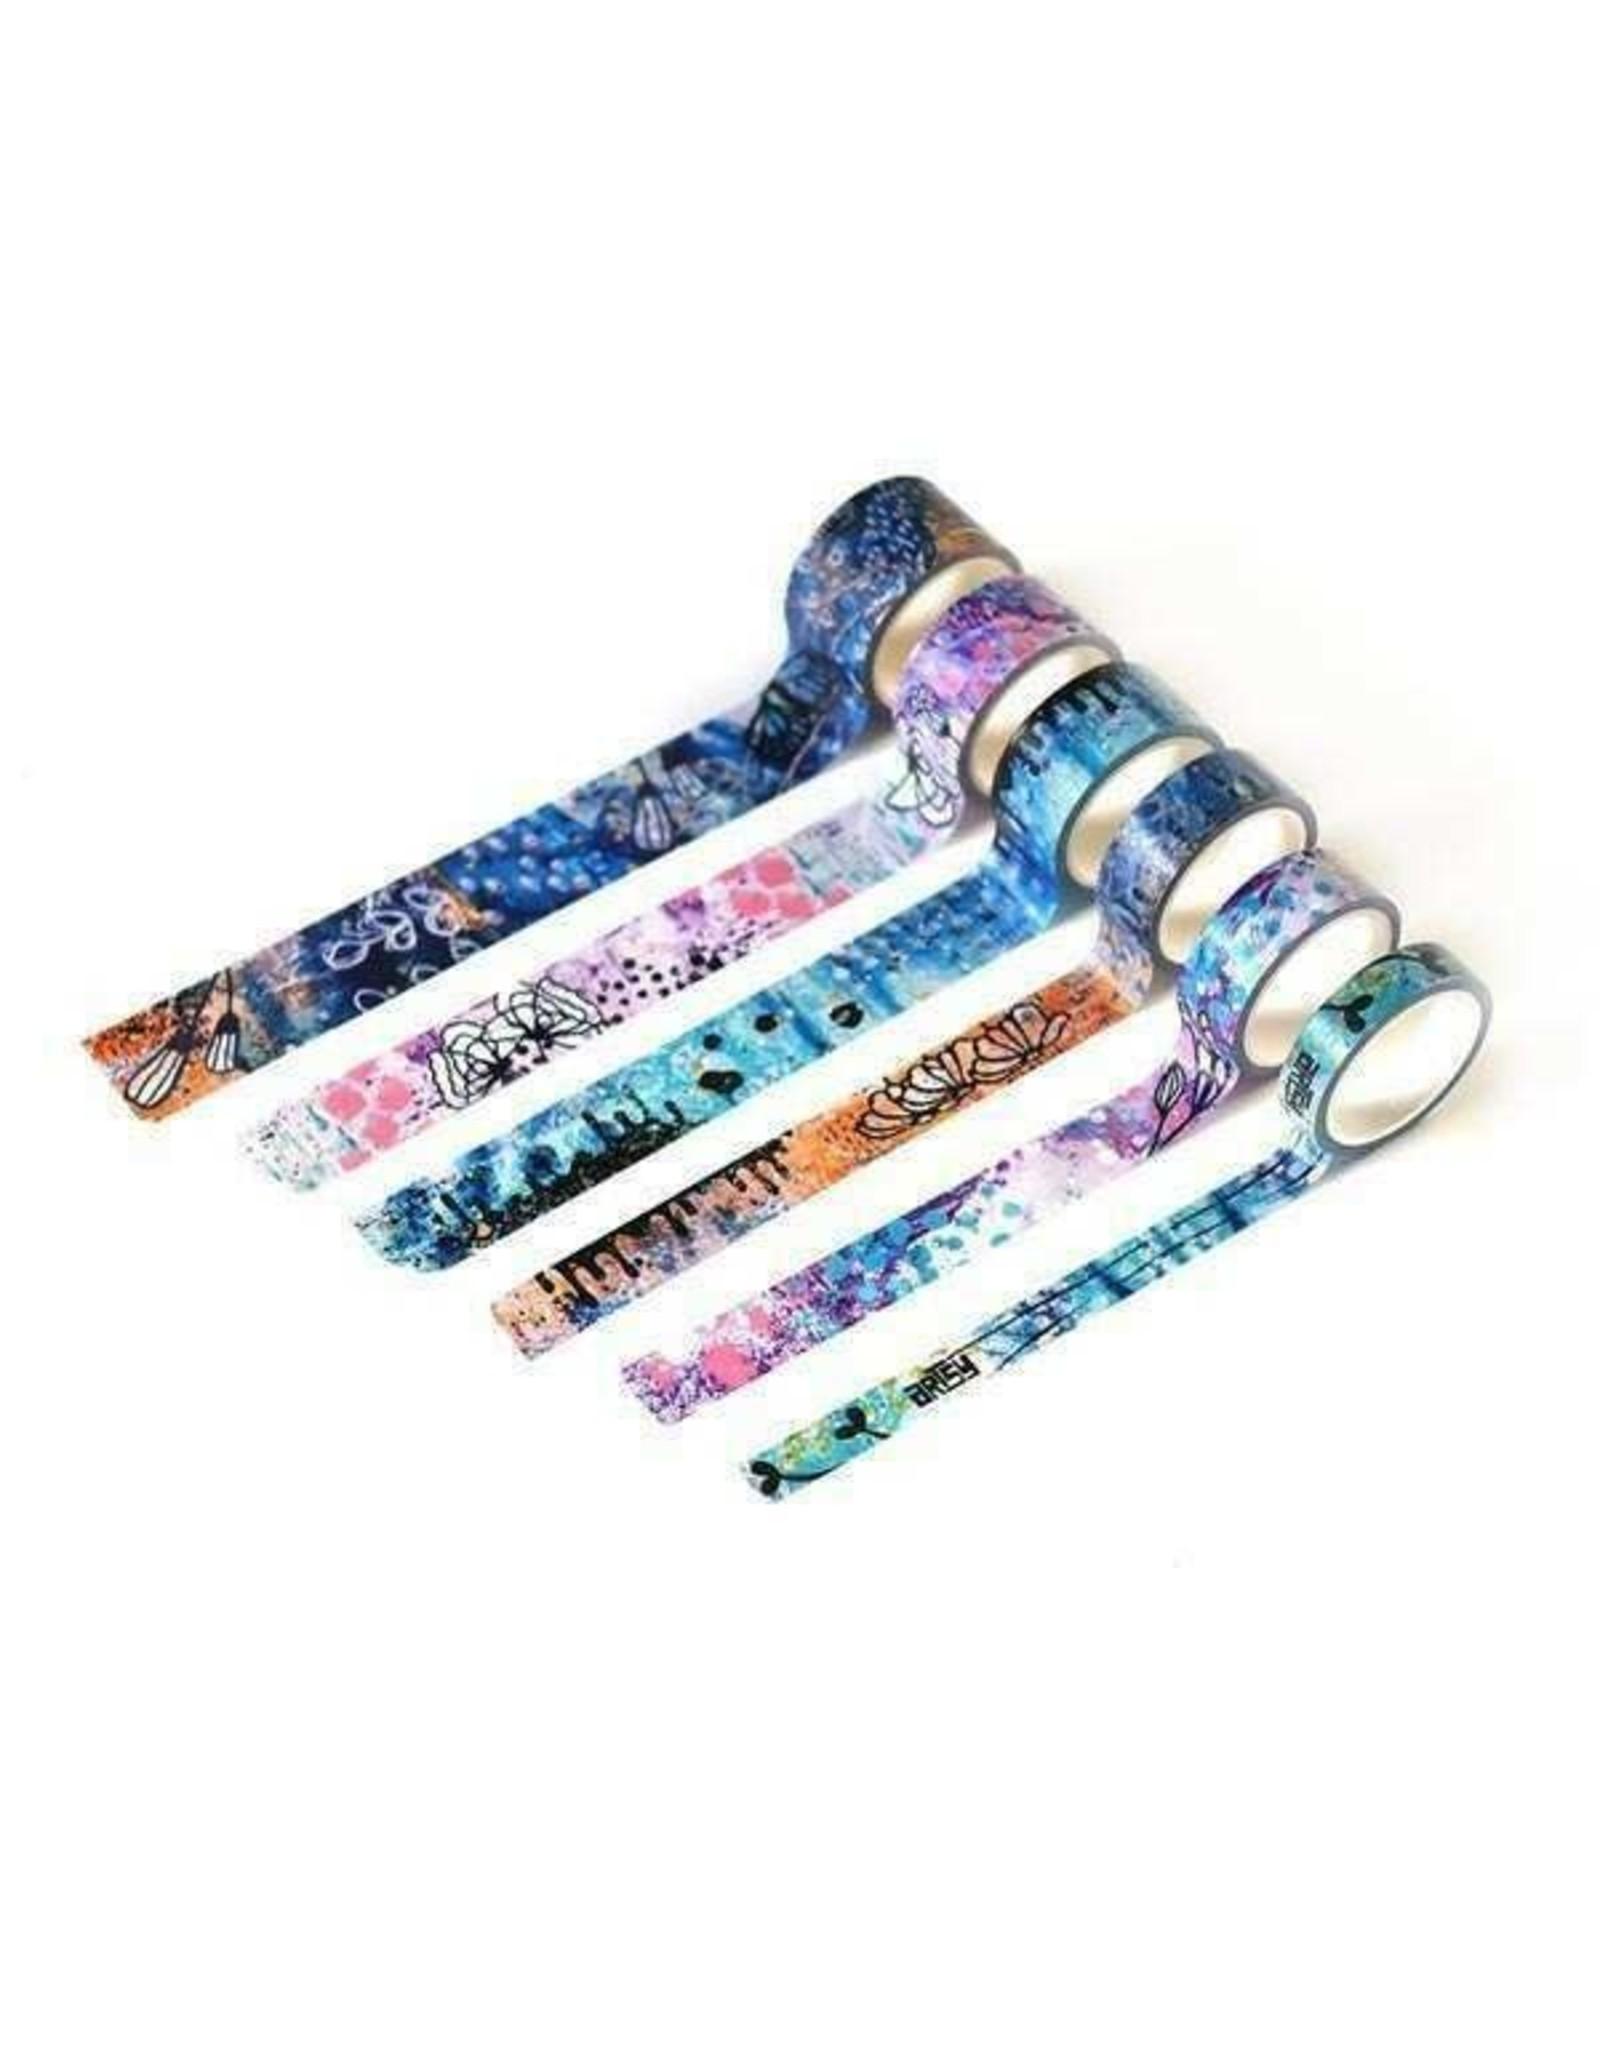 Elizabeth Craft Designs Artsy Scenery Washi Tape